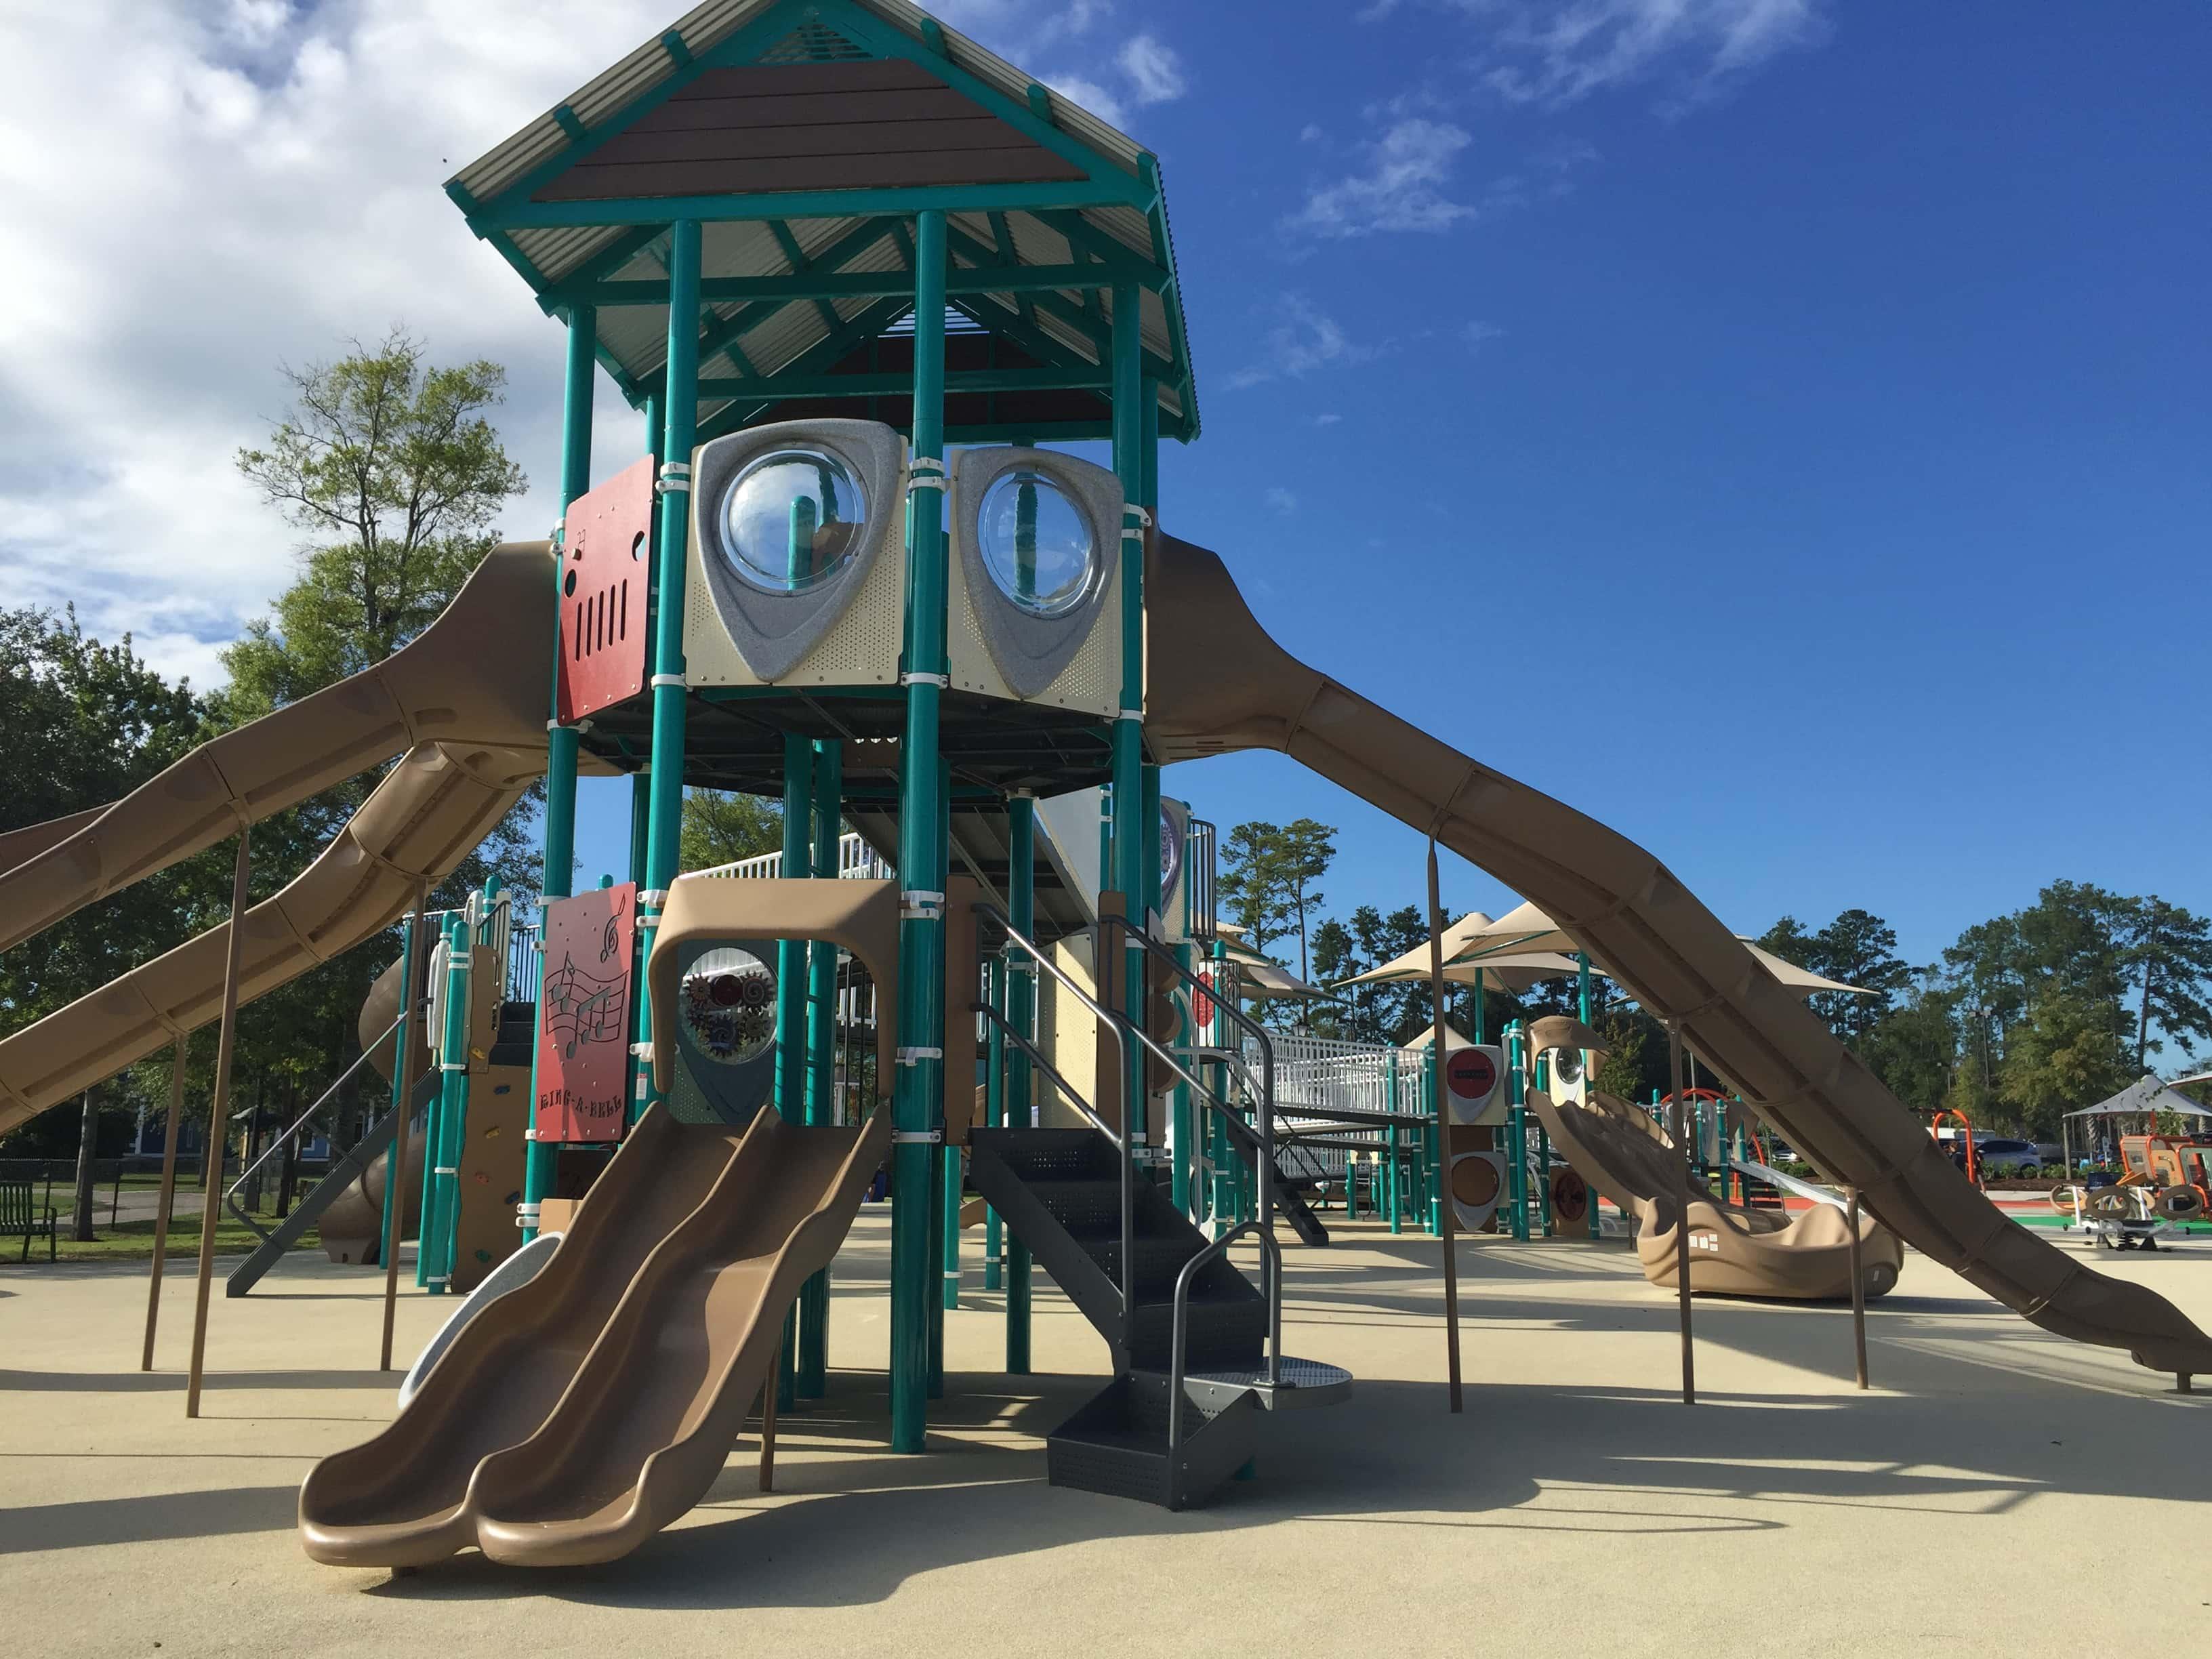 Savannah s Playground Carolina Parks and Play